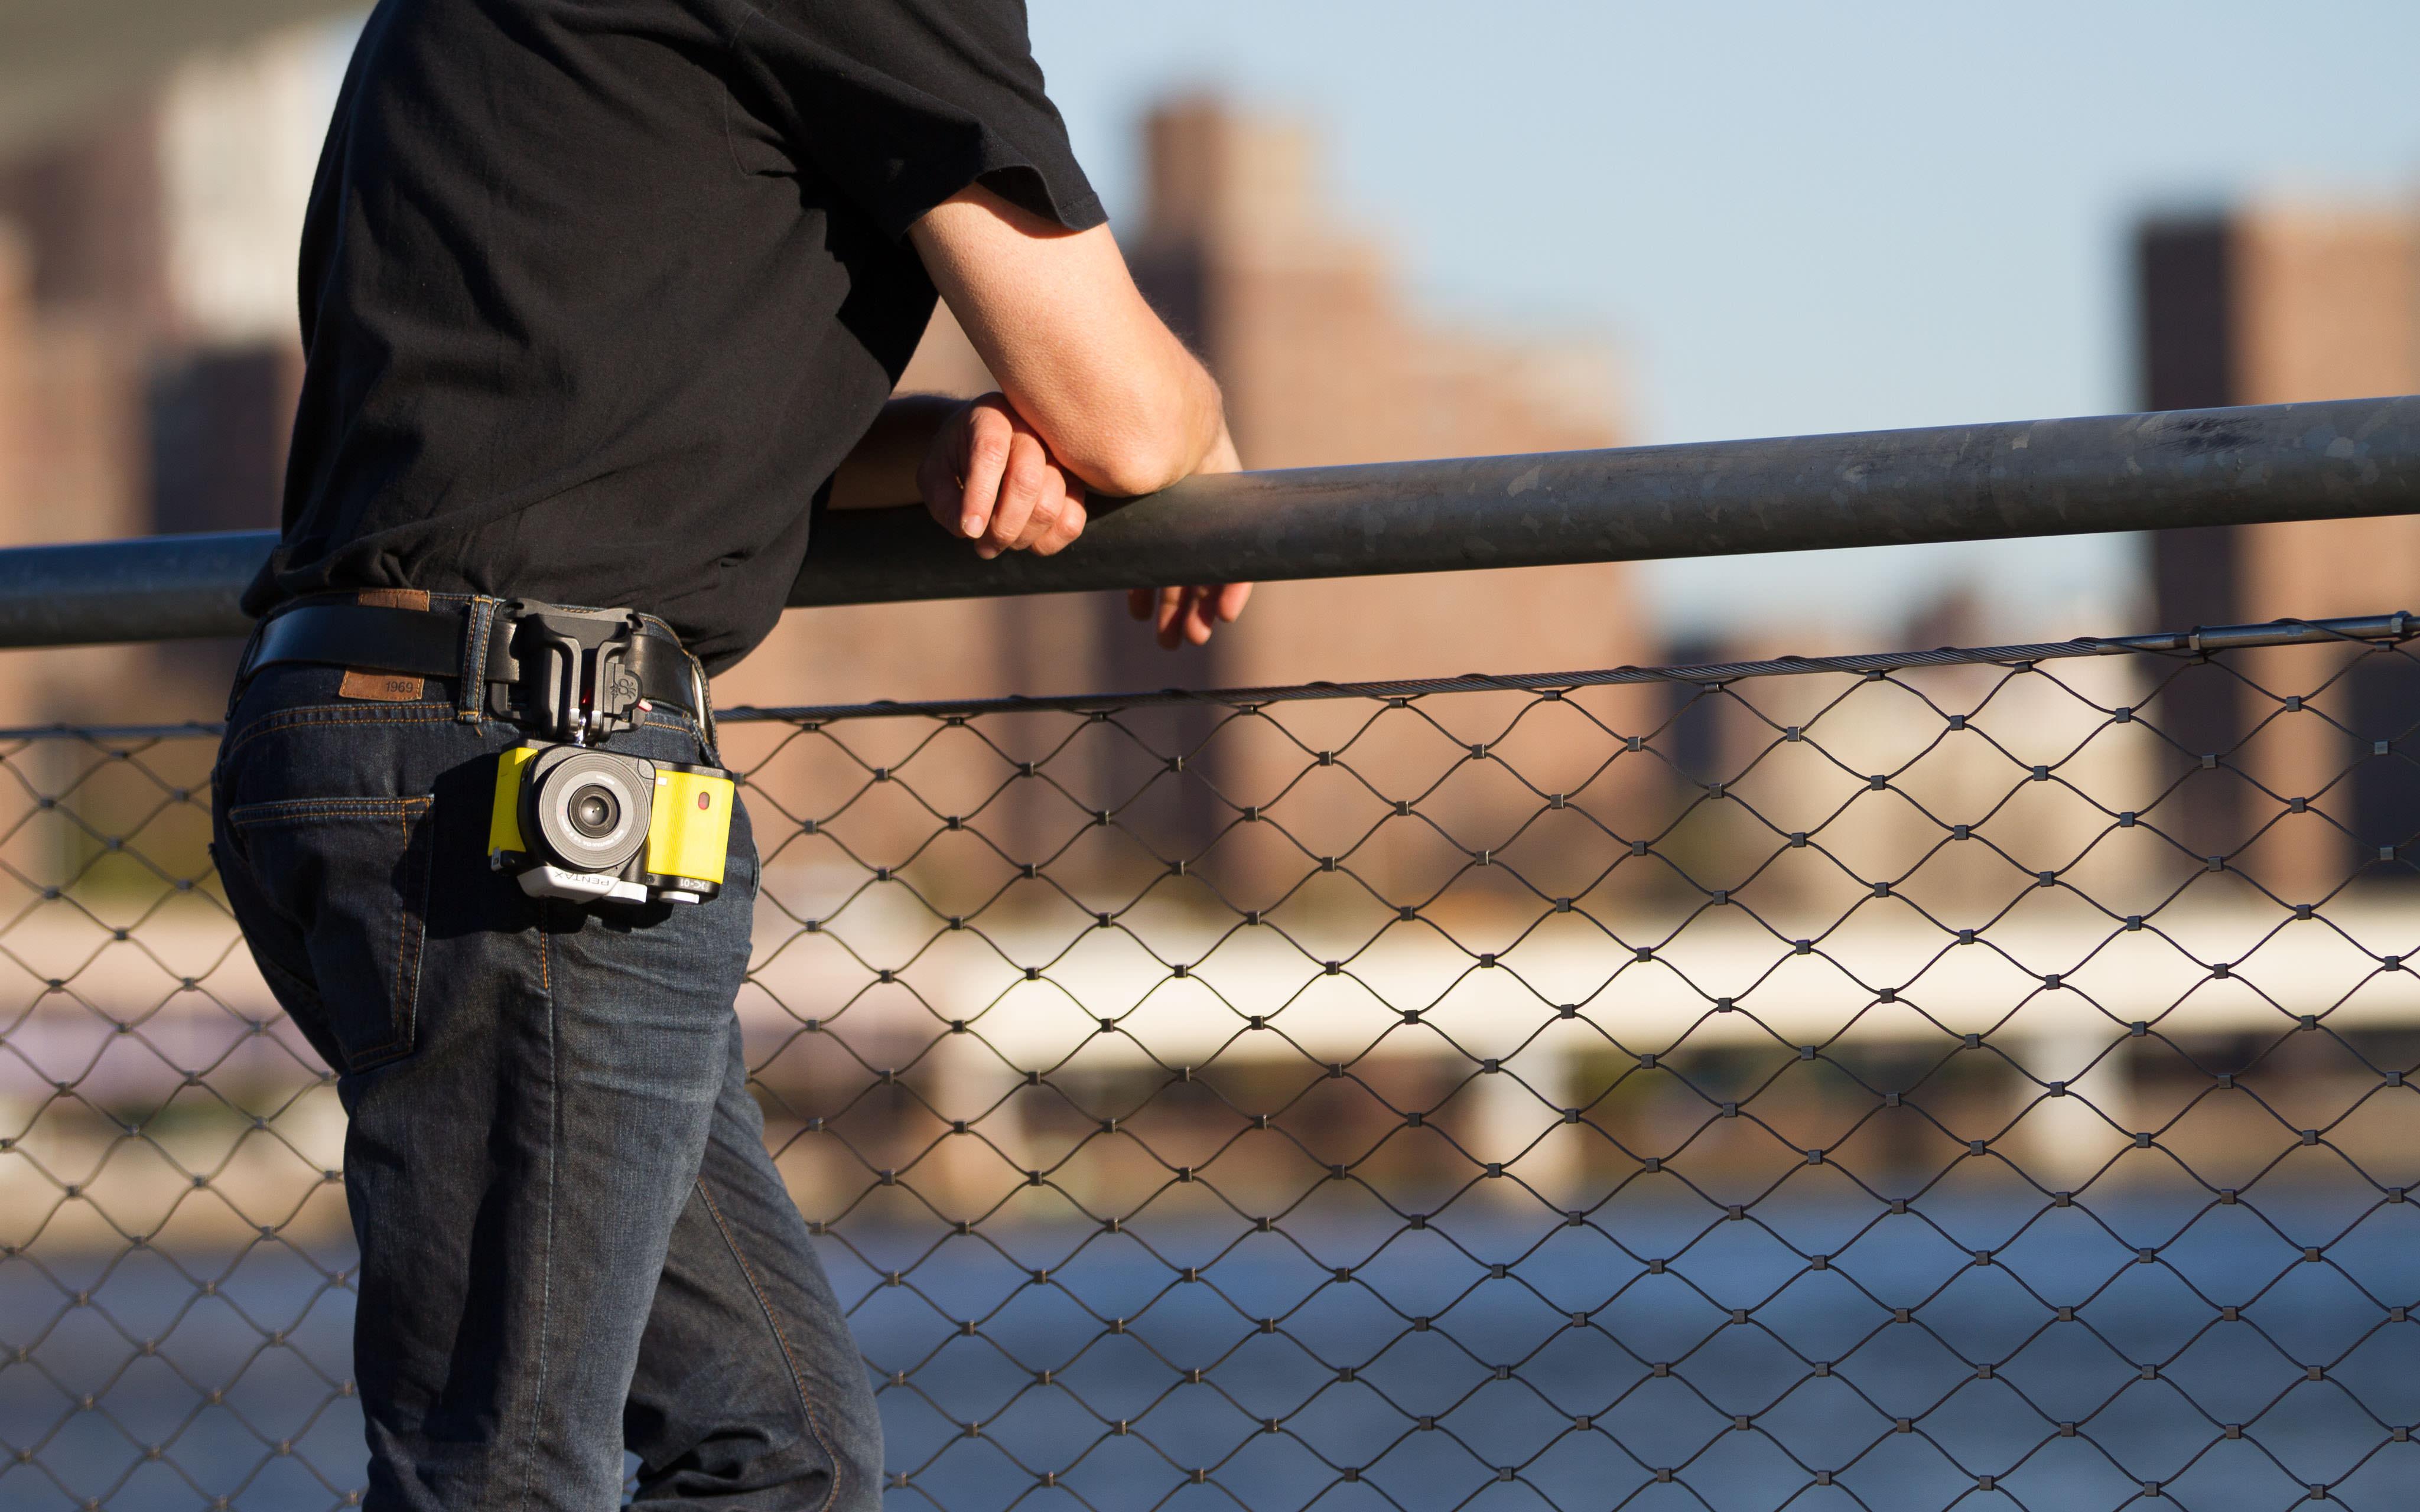 bw fence image